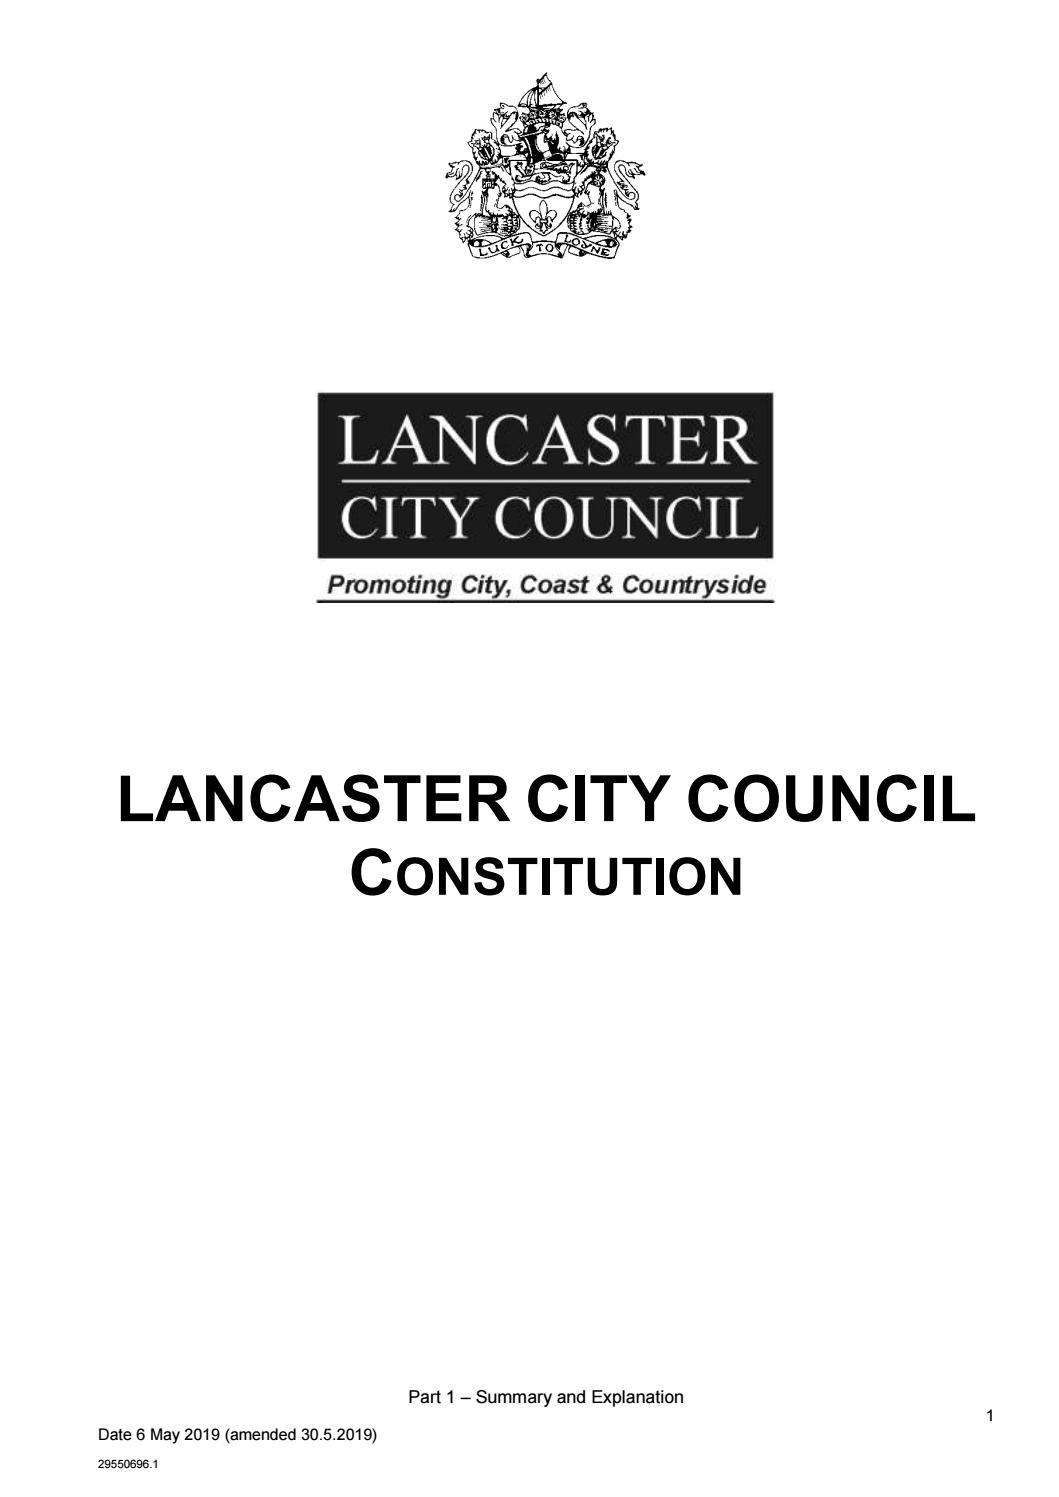 Lancaster City Council Constitution v1 1 by Lancaster City Council